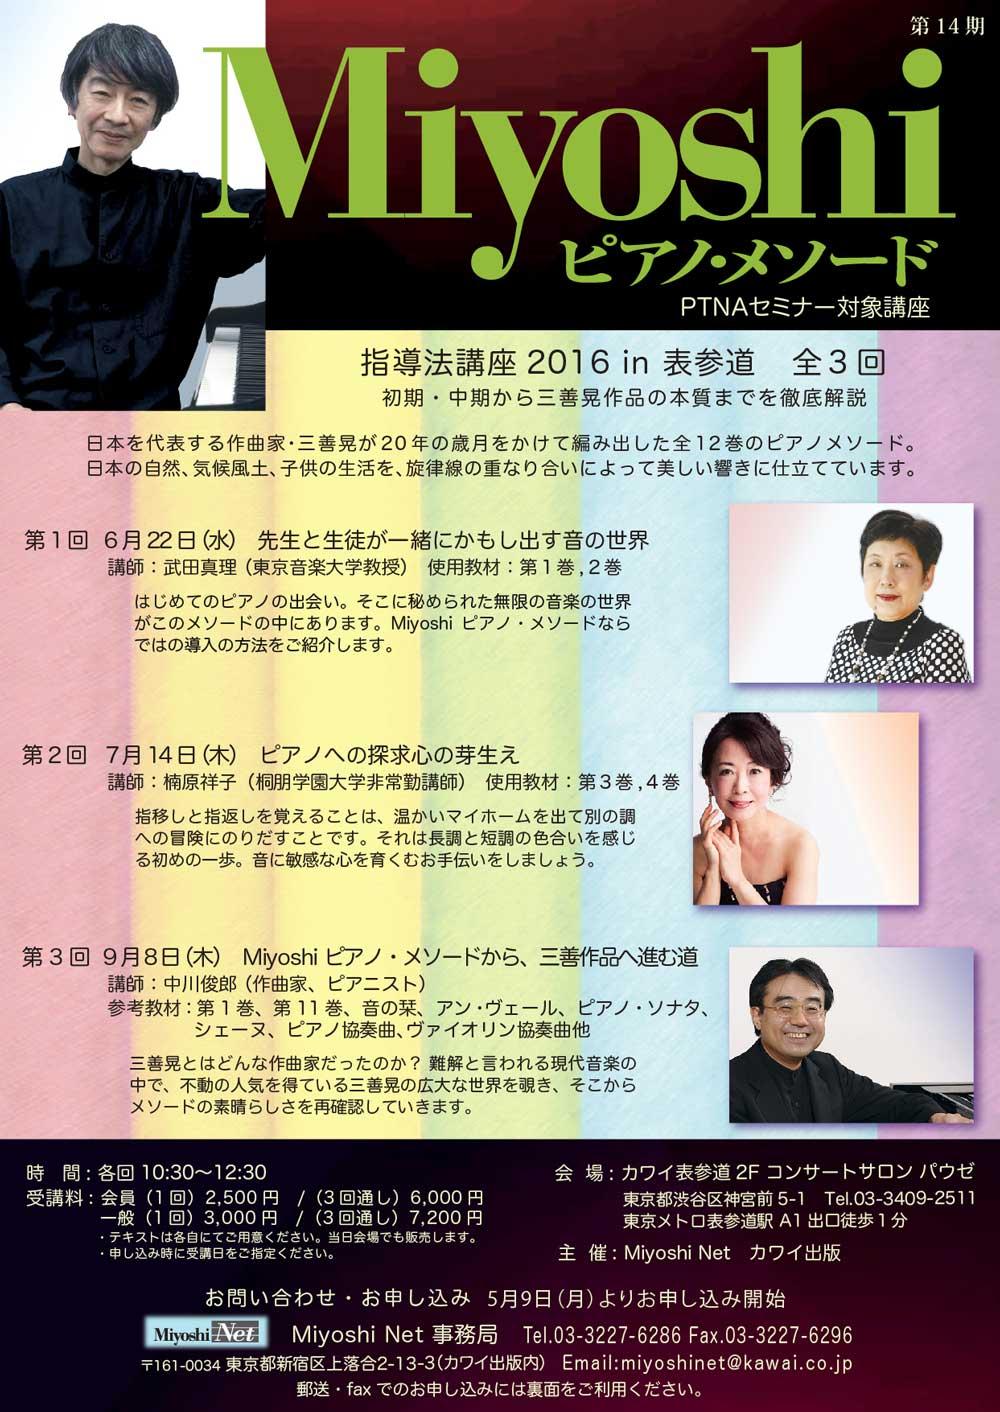 miyoshi2016inomotesando